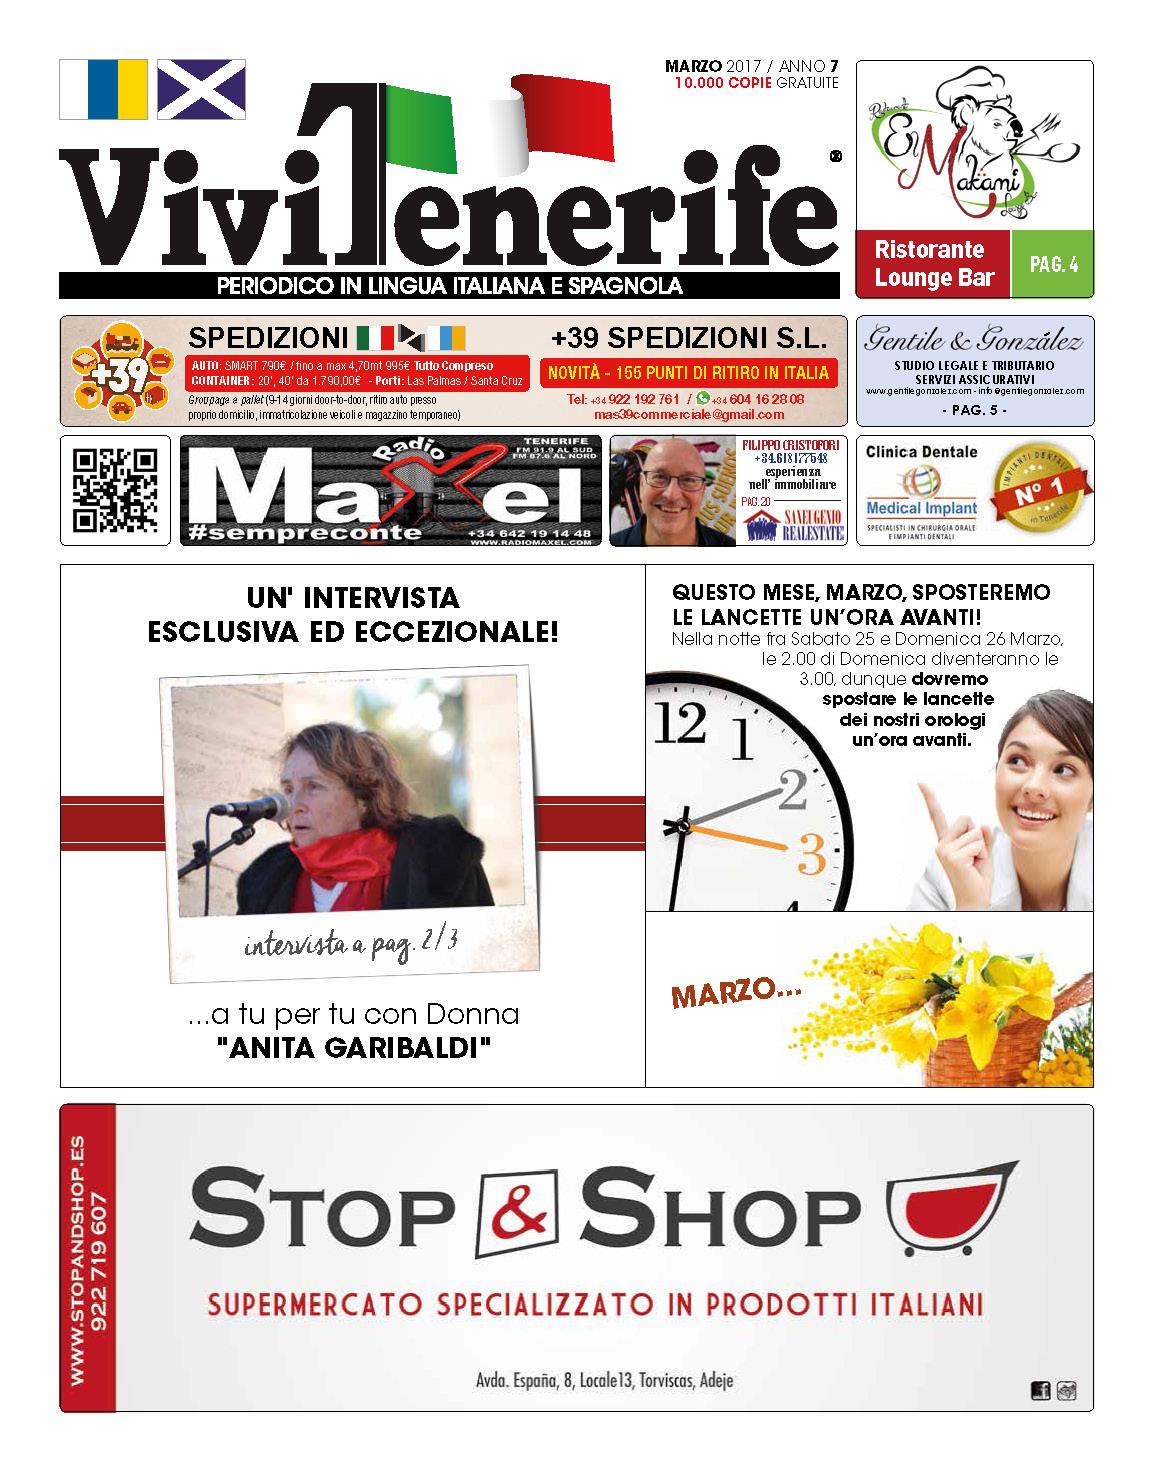 ViviTenerife Marzo 2017